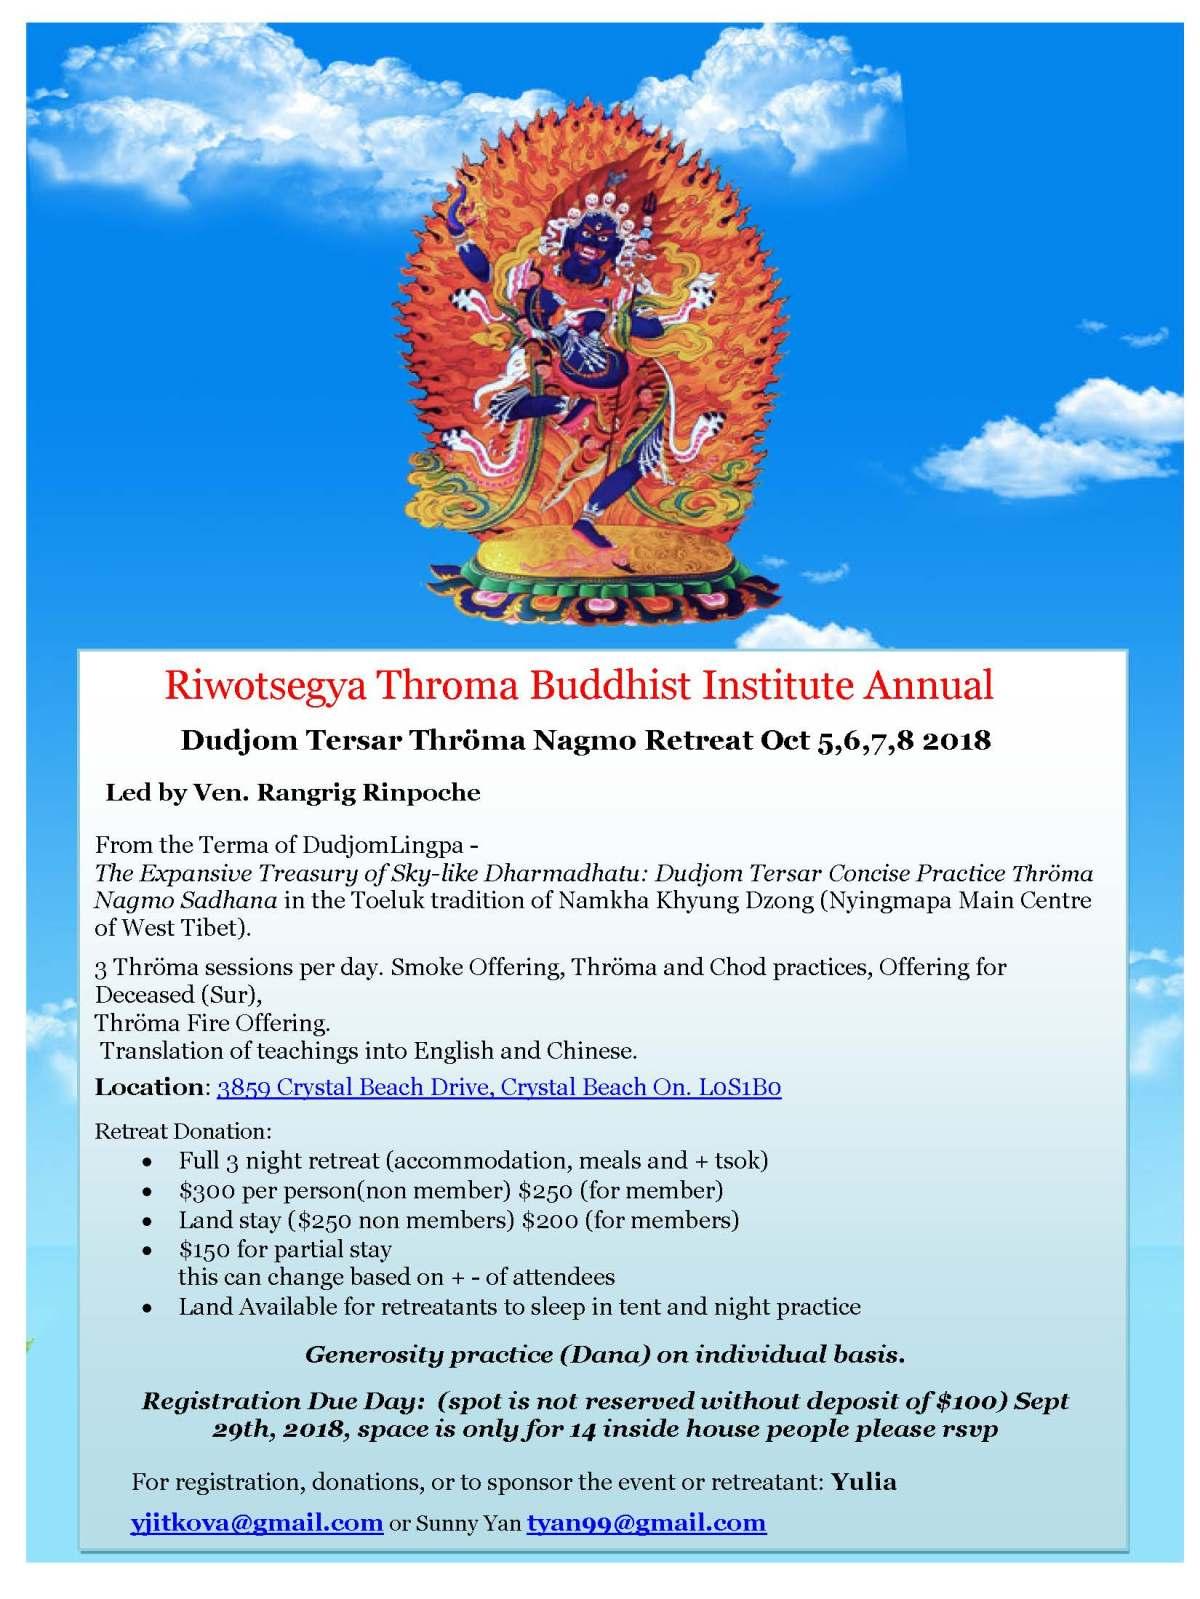 Riwotsegya Throma Buddhist Institute Annual Dudjom Tersar Thröma Nagmo Retreat Oct 5,6,7,8 2018